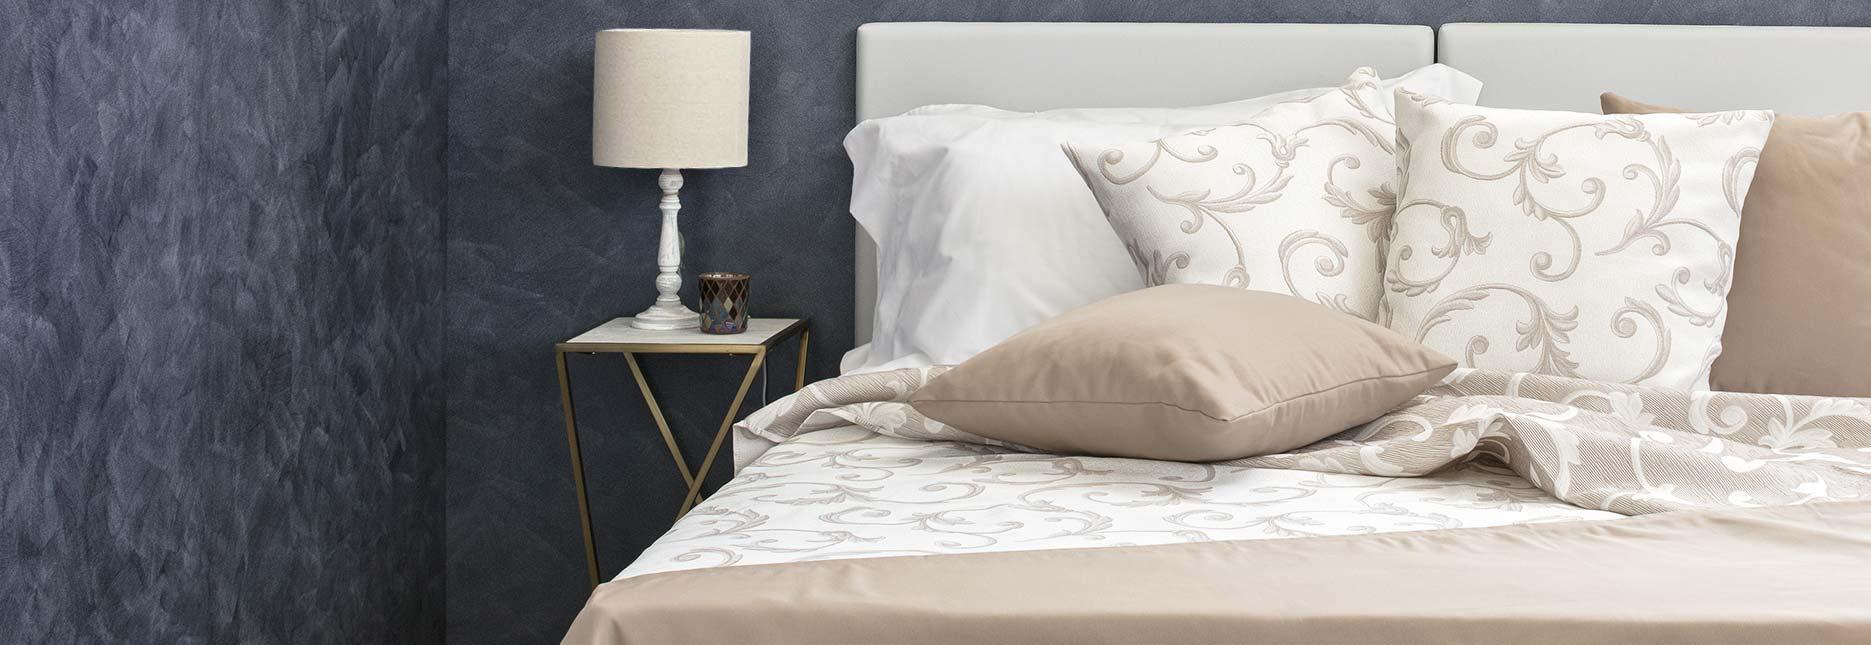 biancheria da letto per hotel